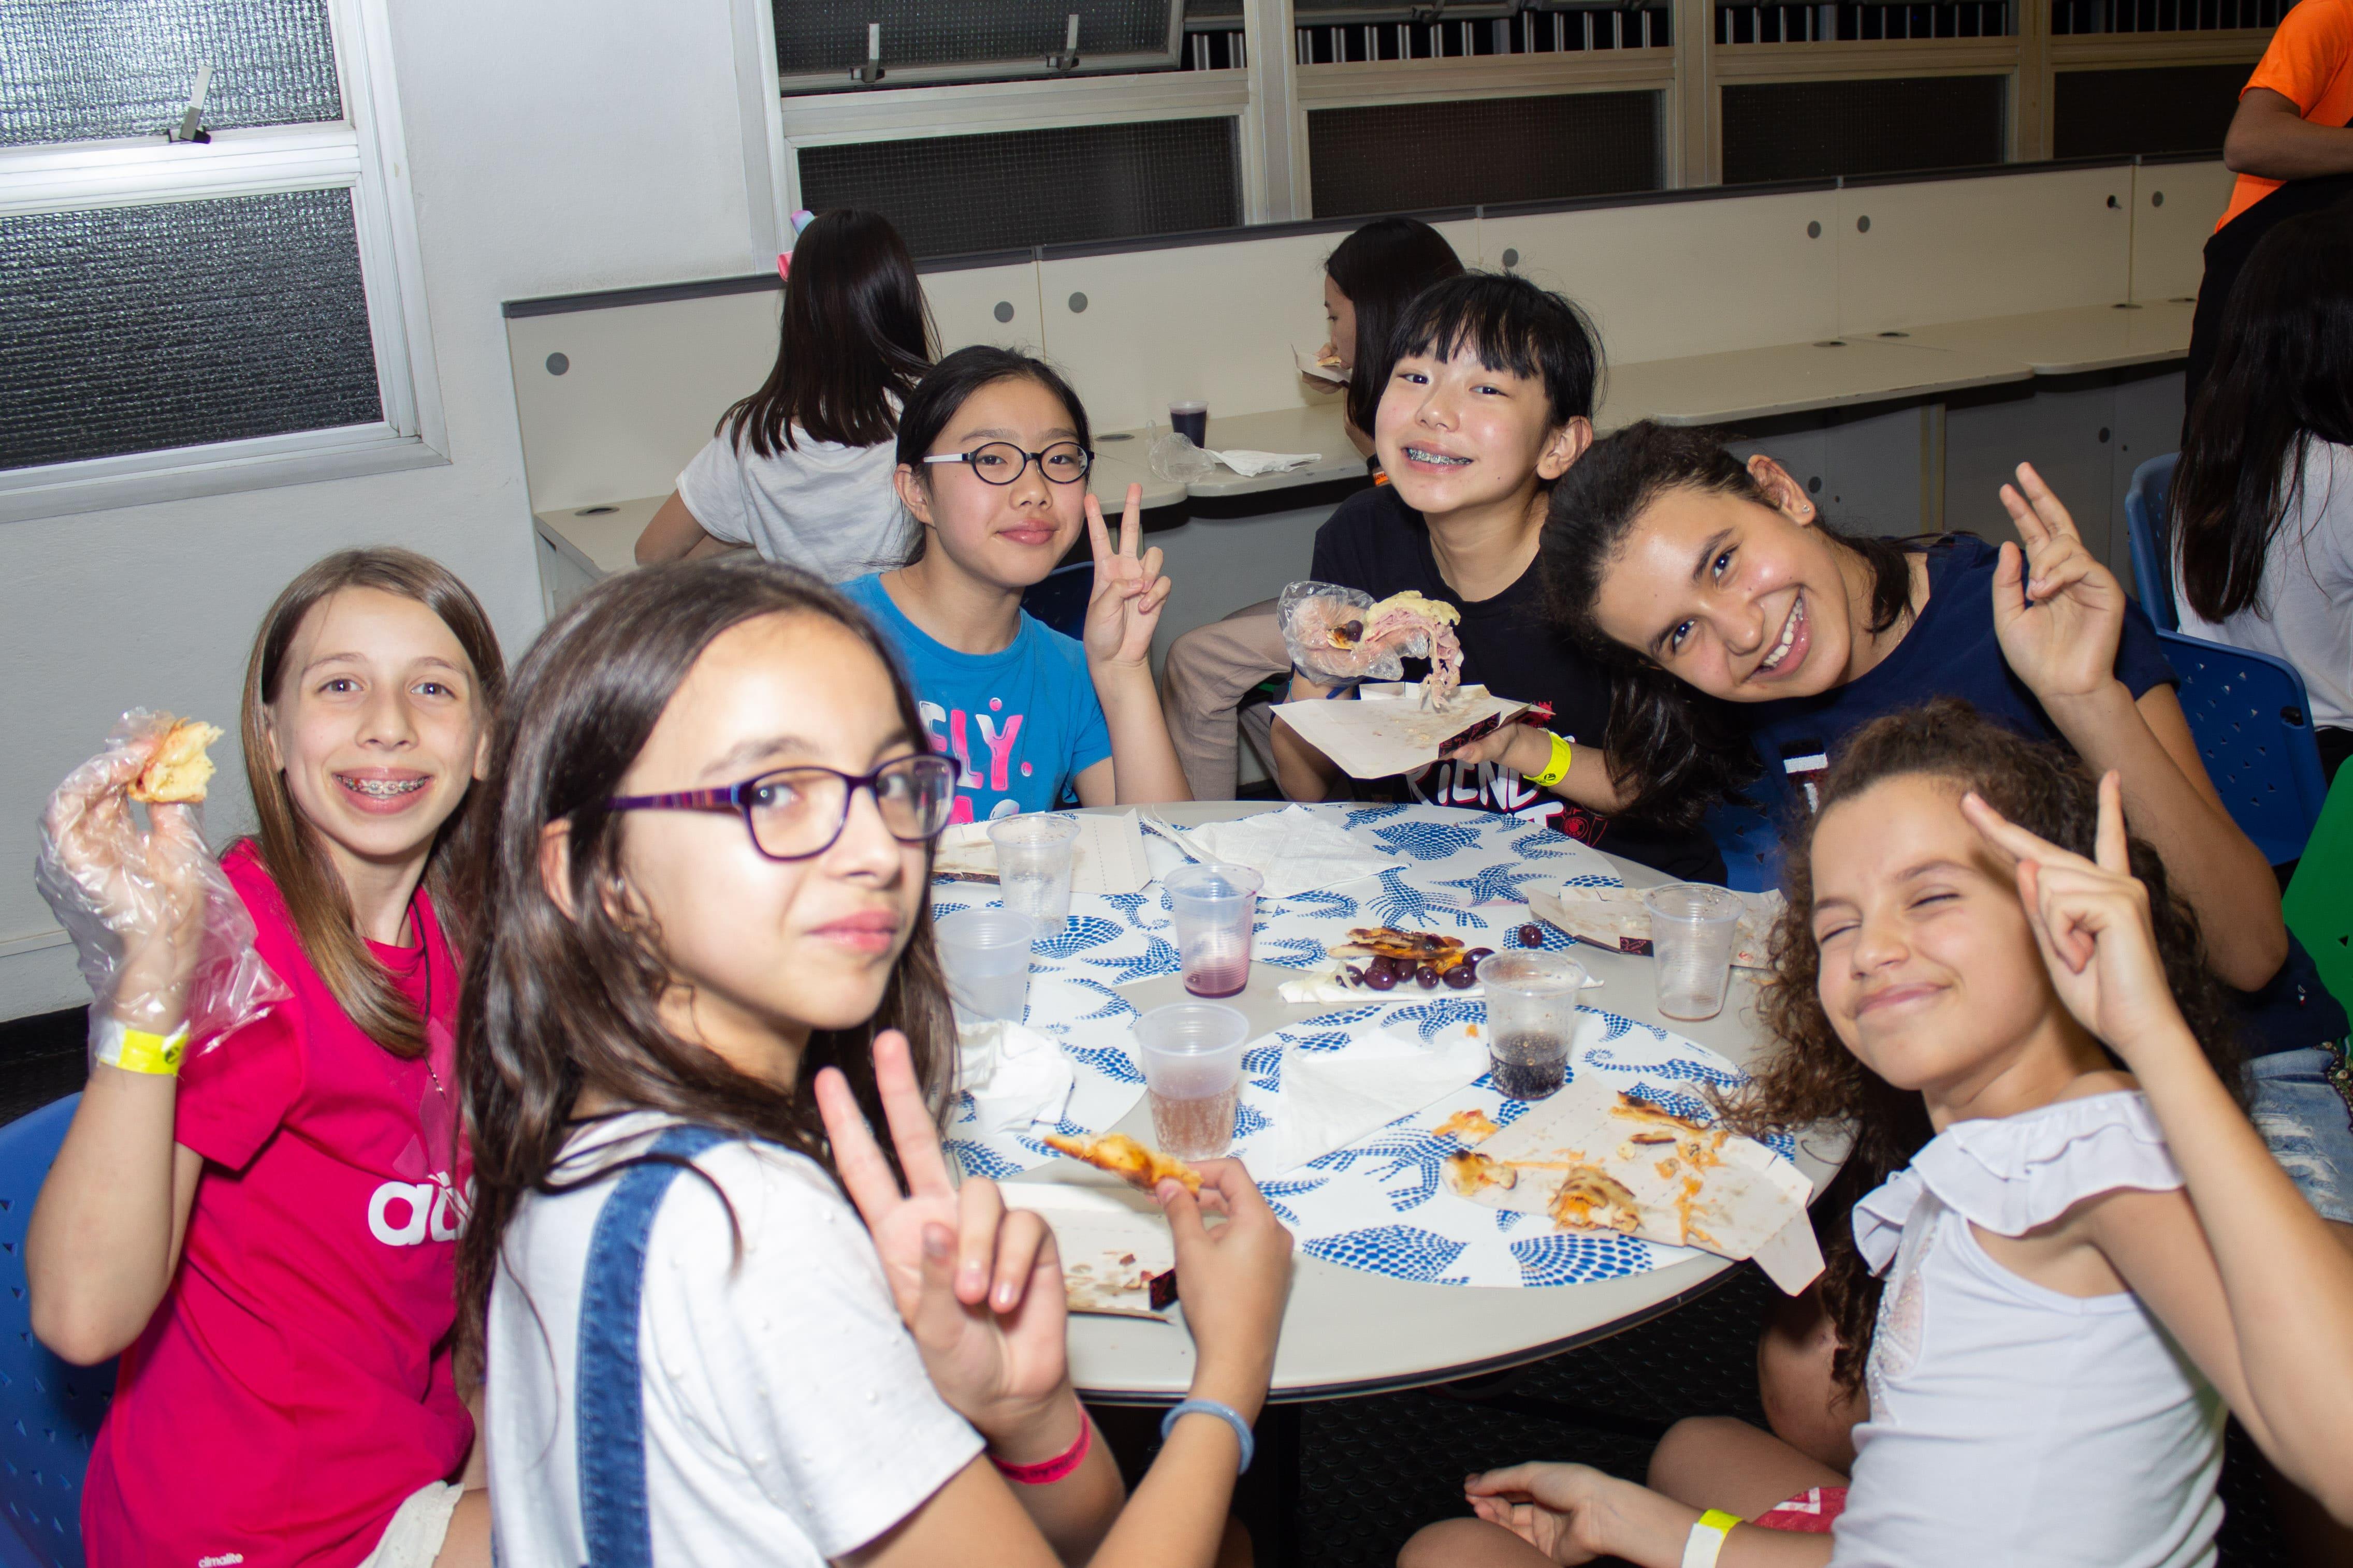 O Acampadentro contou com uma programação especial, com jogos, brincadeiras, rodada de pizza e até uma balada.